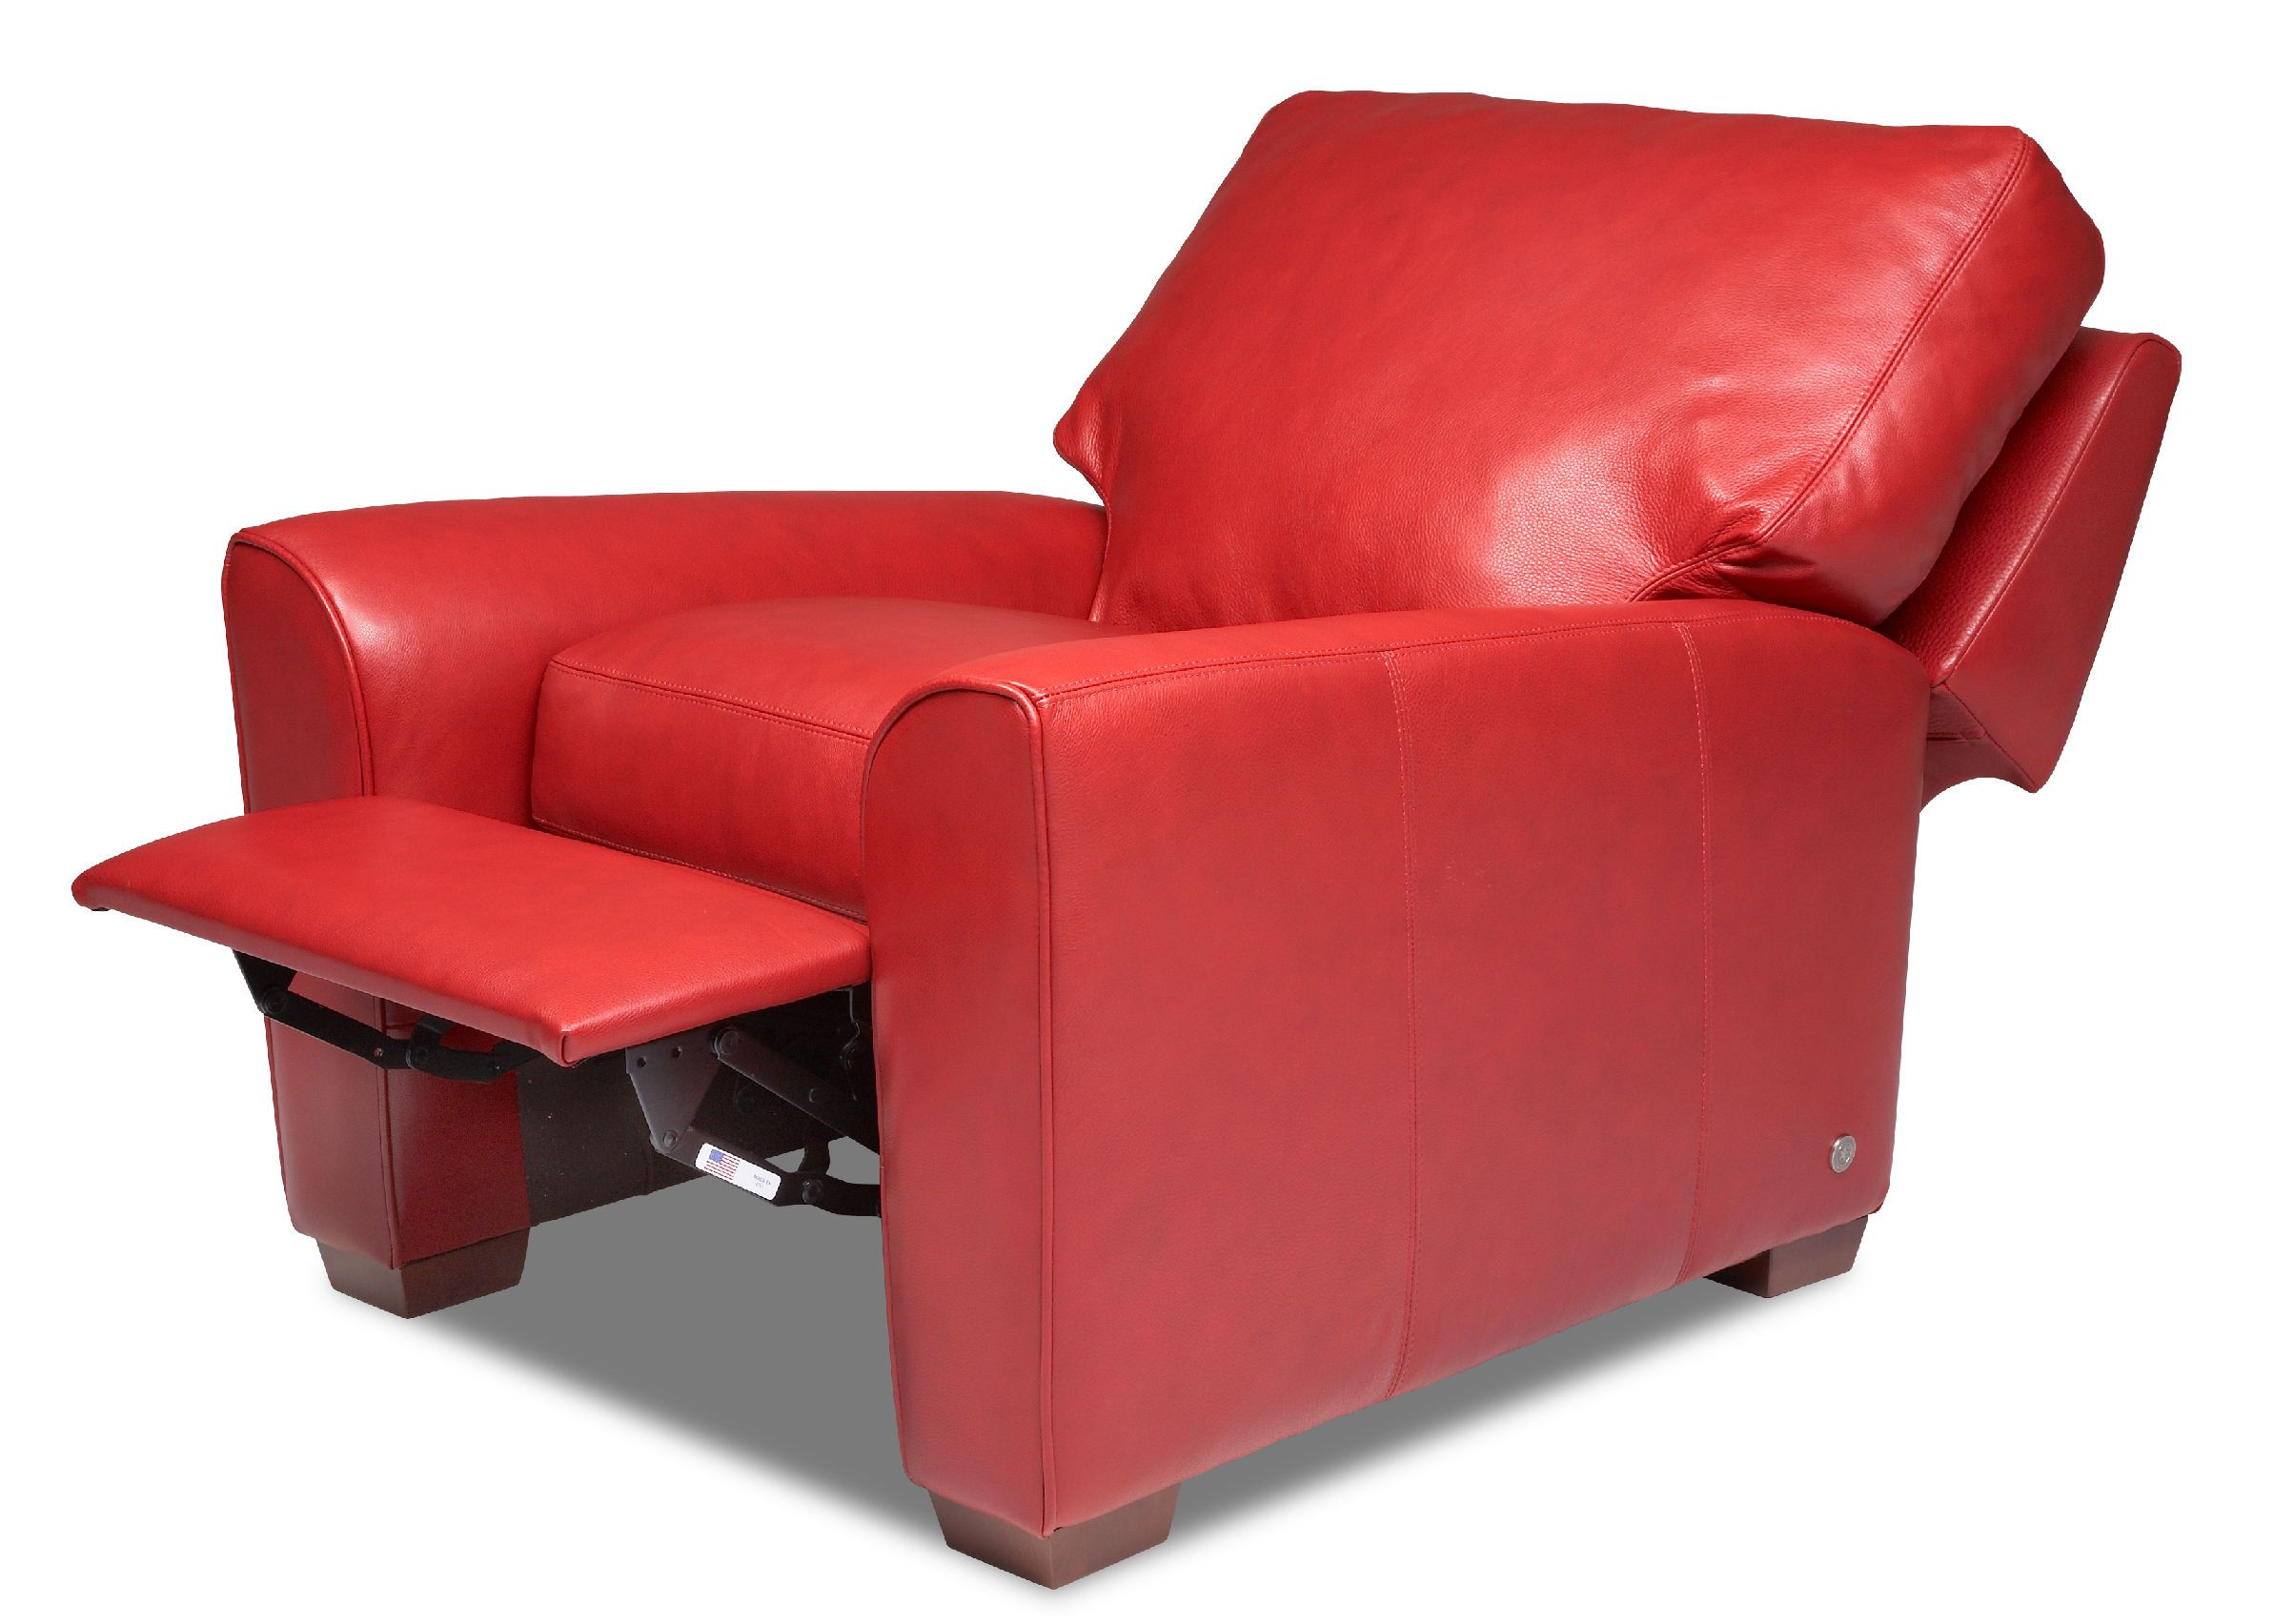 Rote Küchenstühle ~ Rote leder lehnstuhl Überprüfen sie mehr unter stuhle